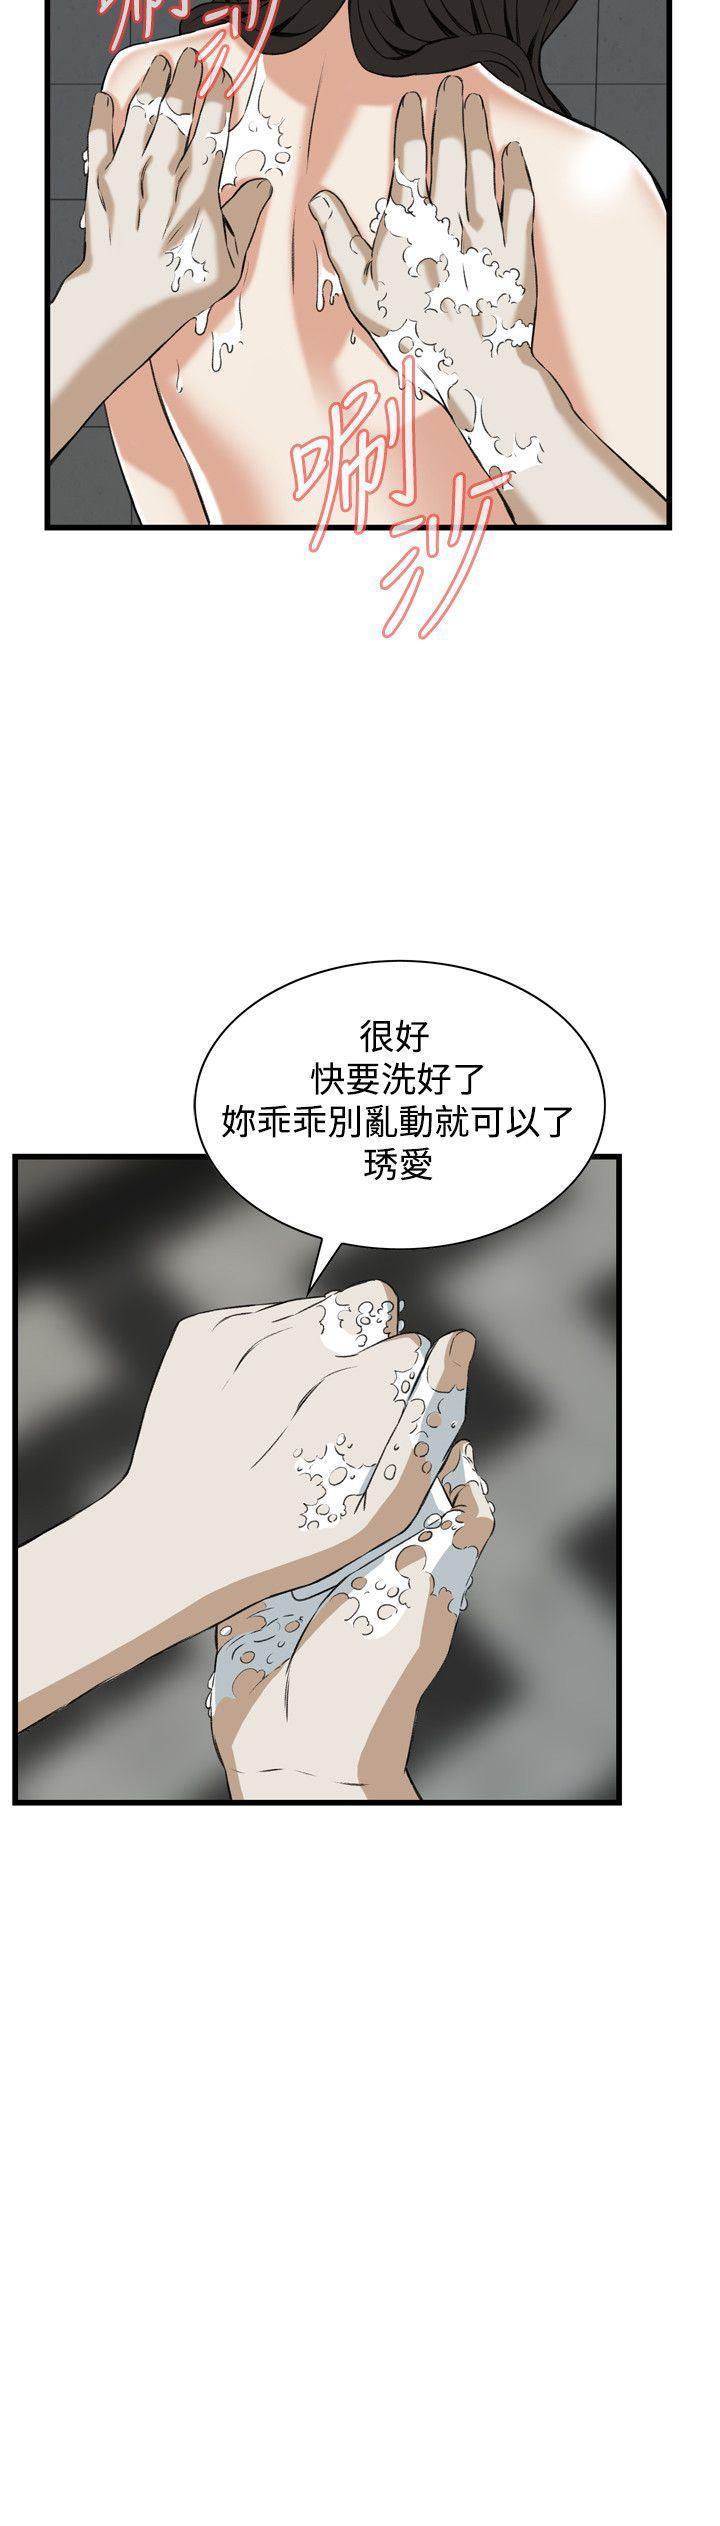 偷窥72-93 Chinese Rsiky 288